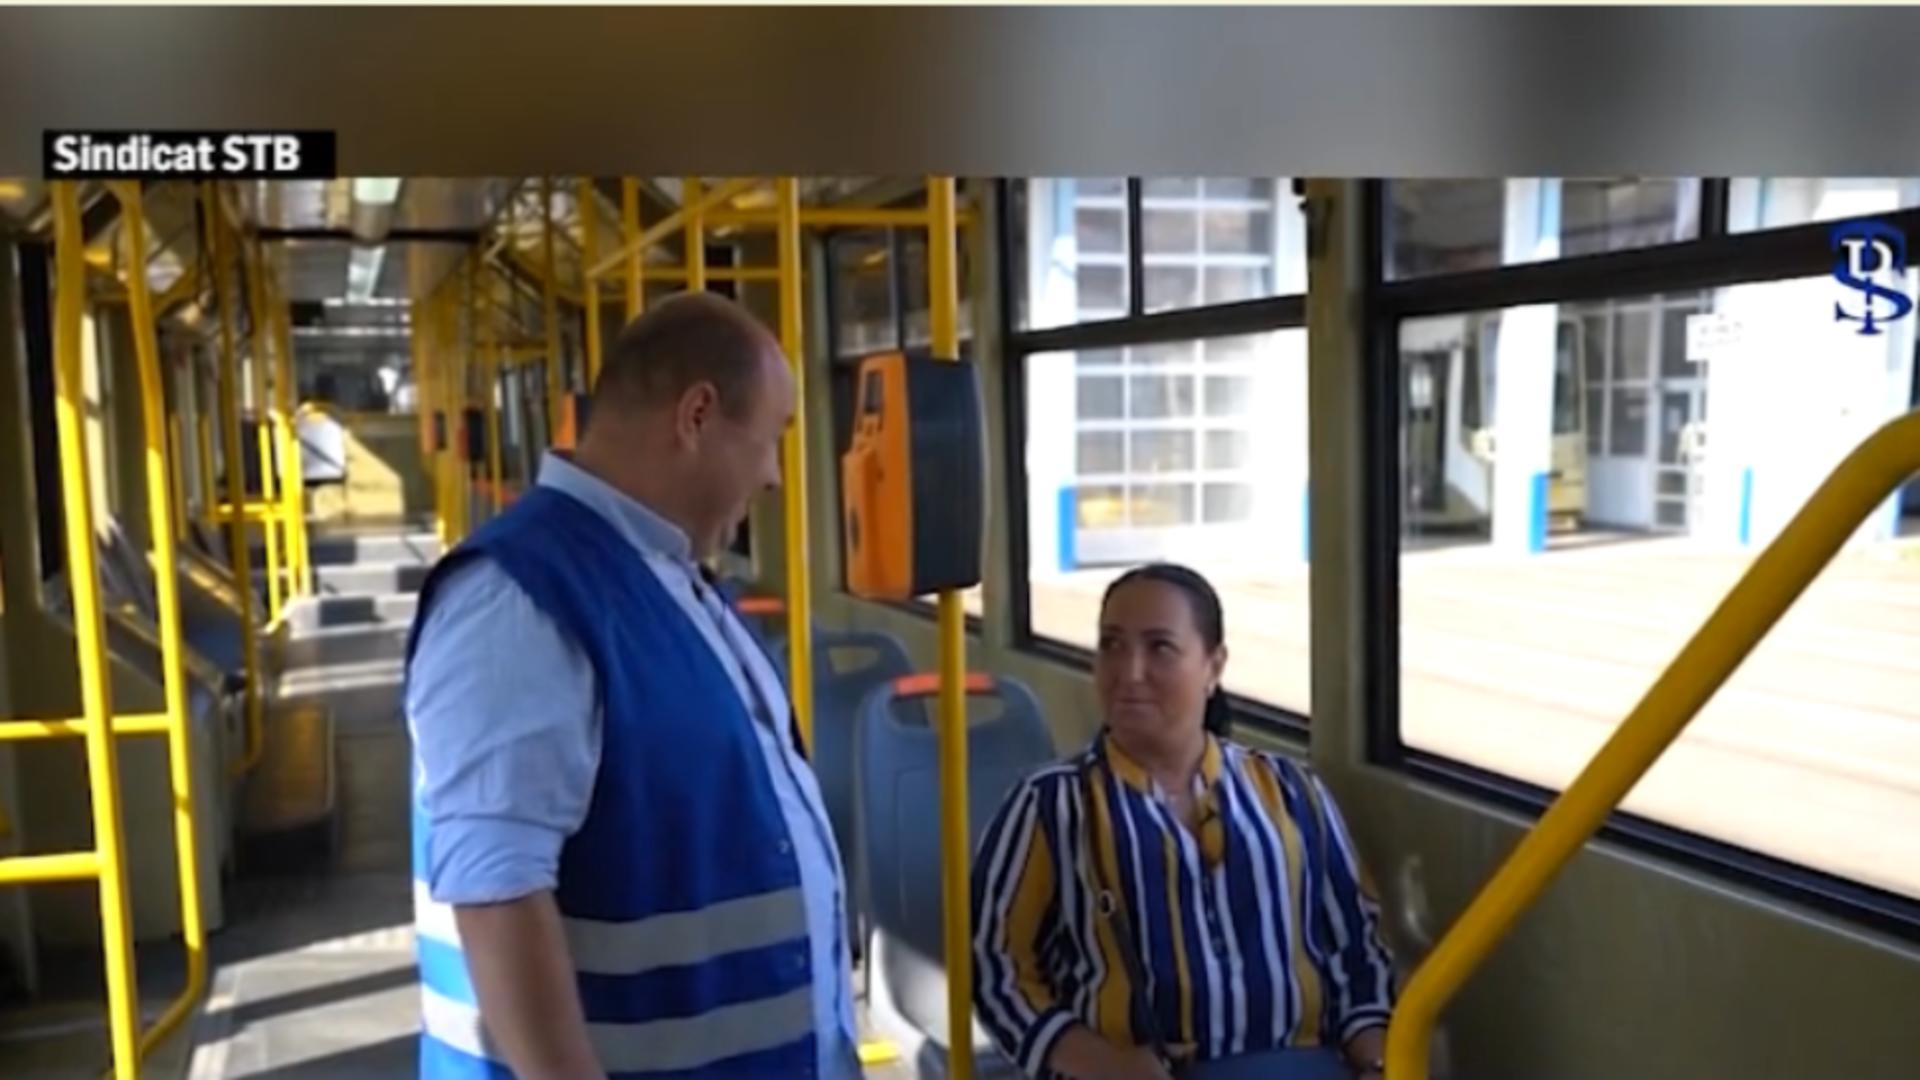 Controlor STB îndrăgostit de persoana amendată / Captură foto